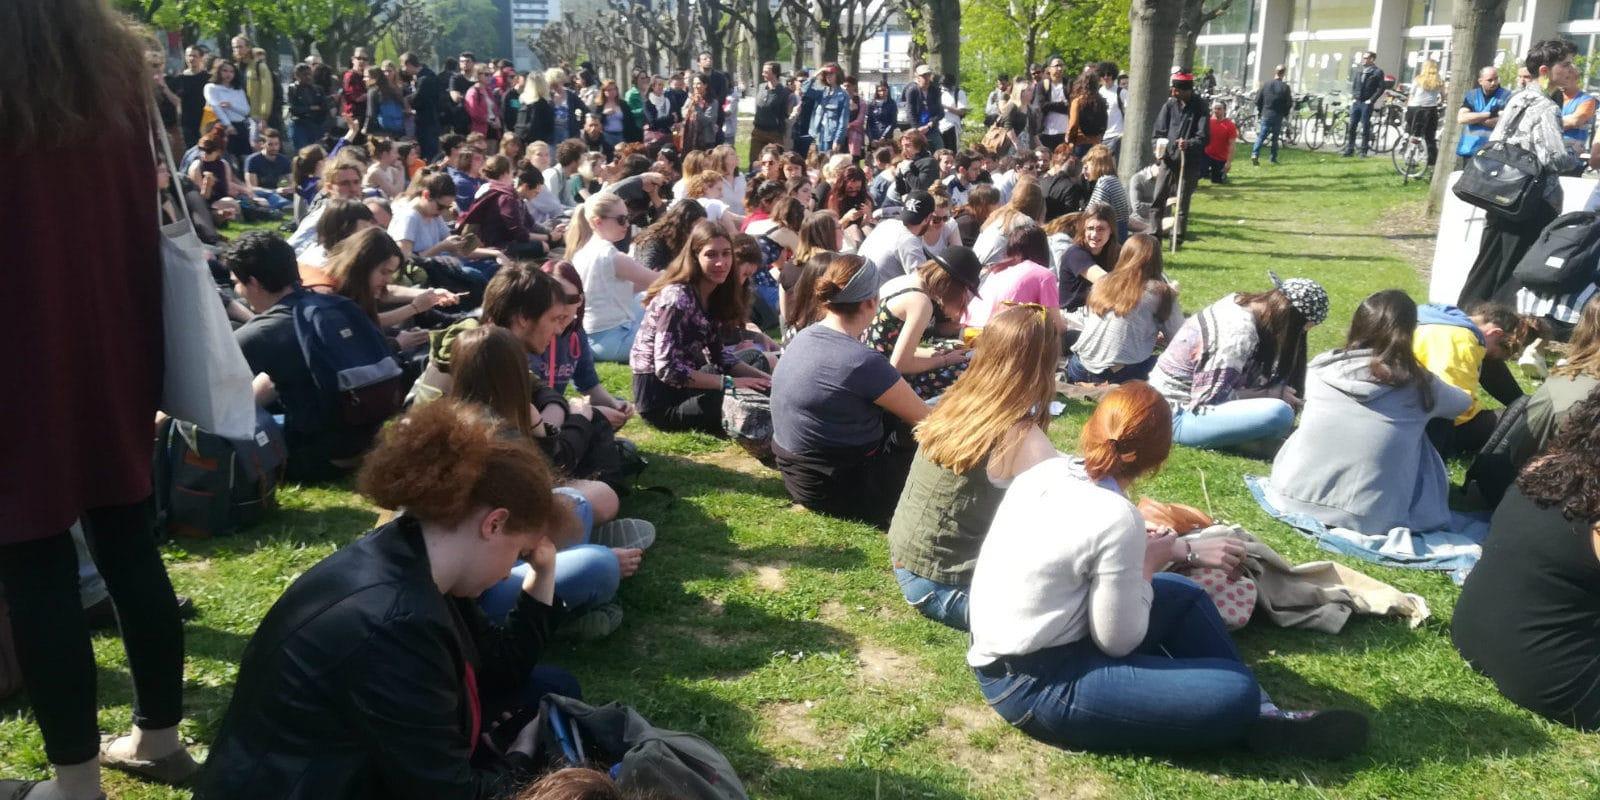 À l'AG ce mercredi: convergence des luttes, démission de Deneken et poursuite des blocages